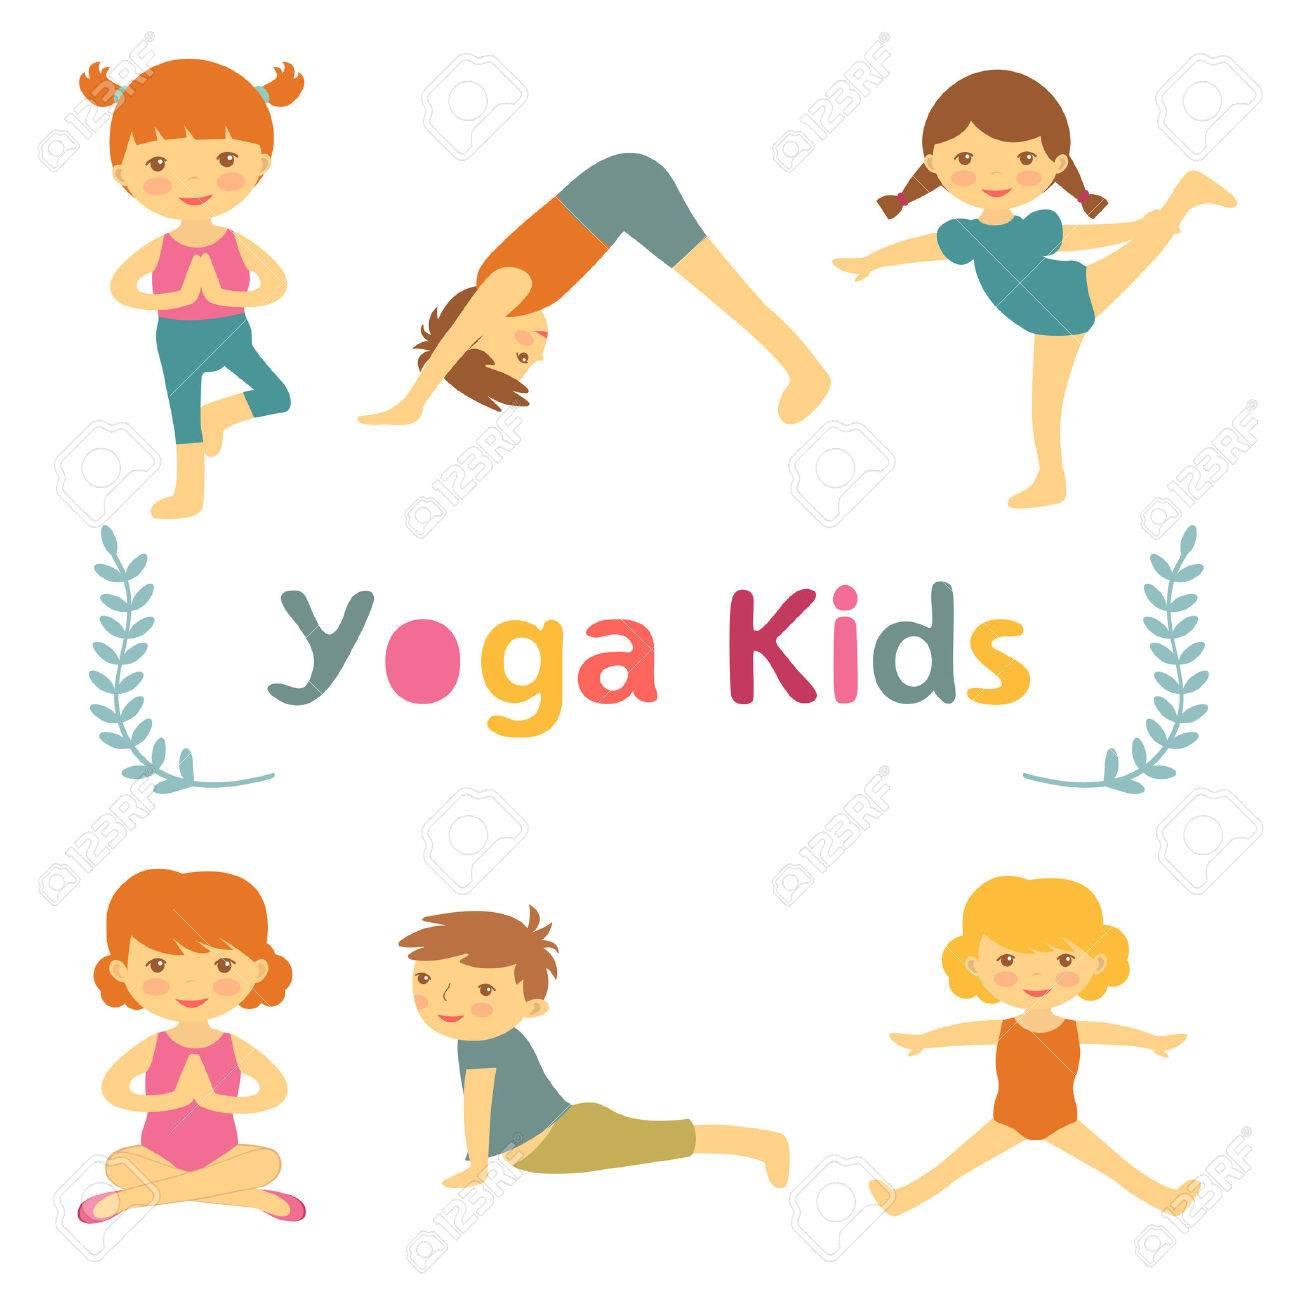 Cute yoga kids - 40063106